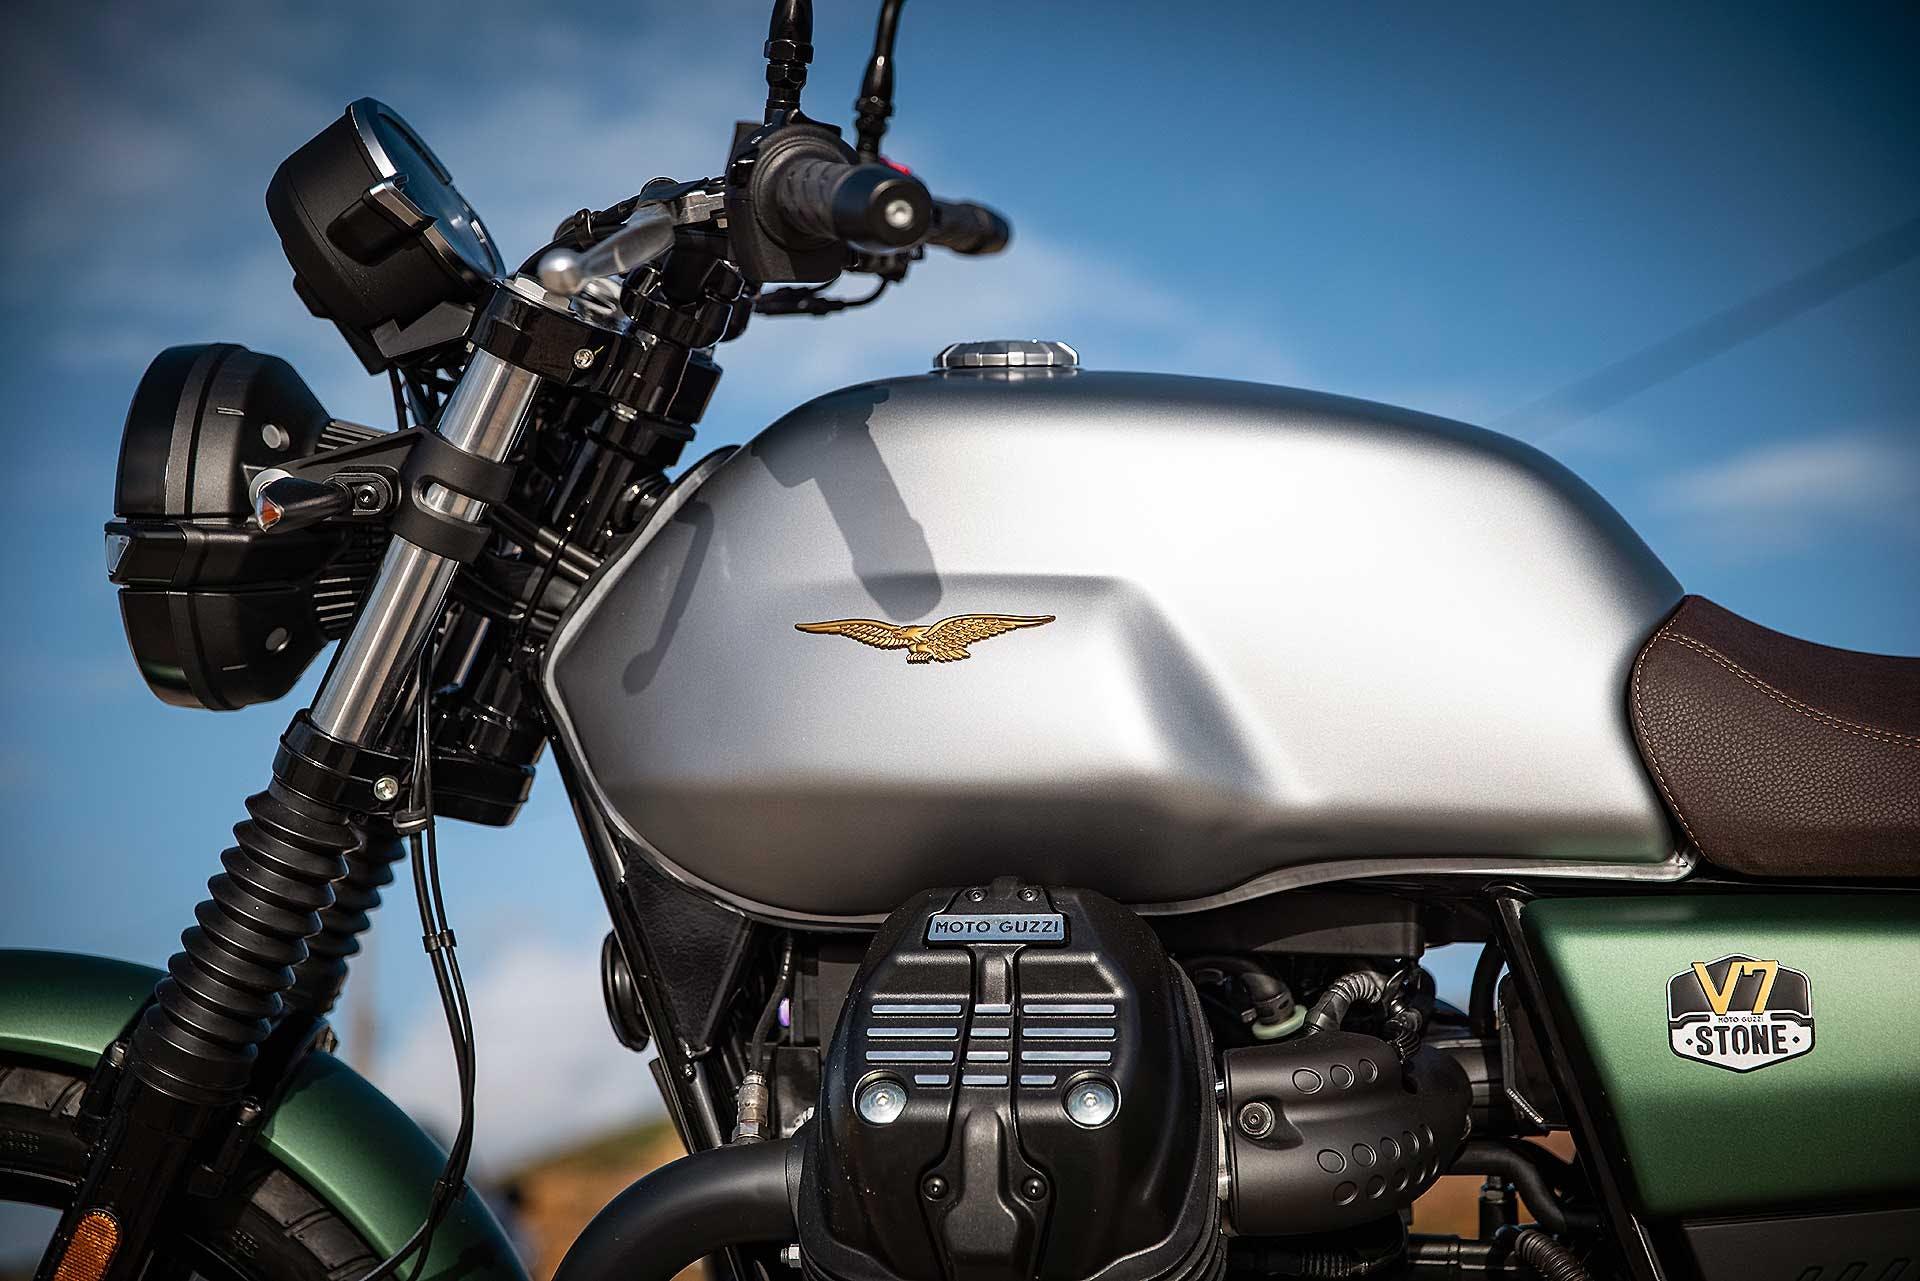 Moto Guzzi V7 Stone 2021 serbatoio